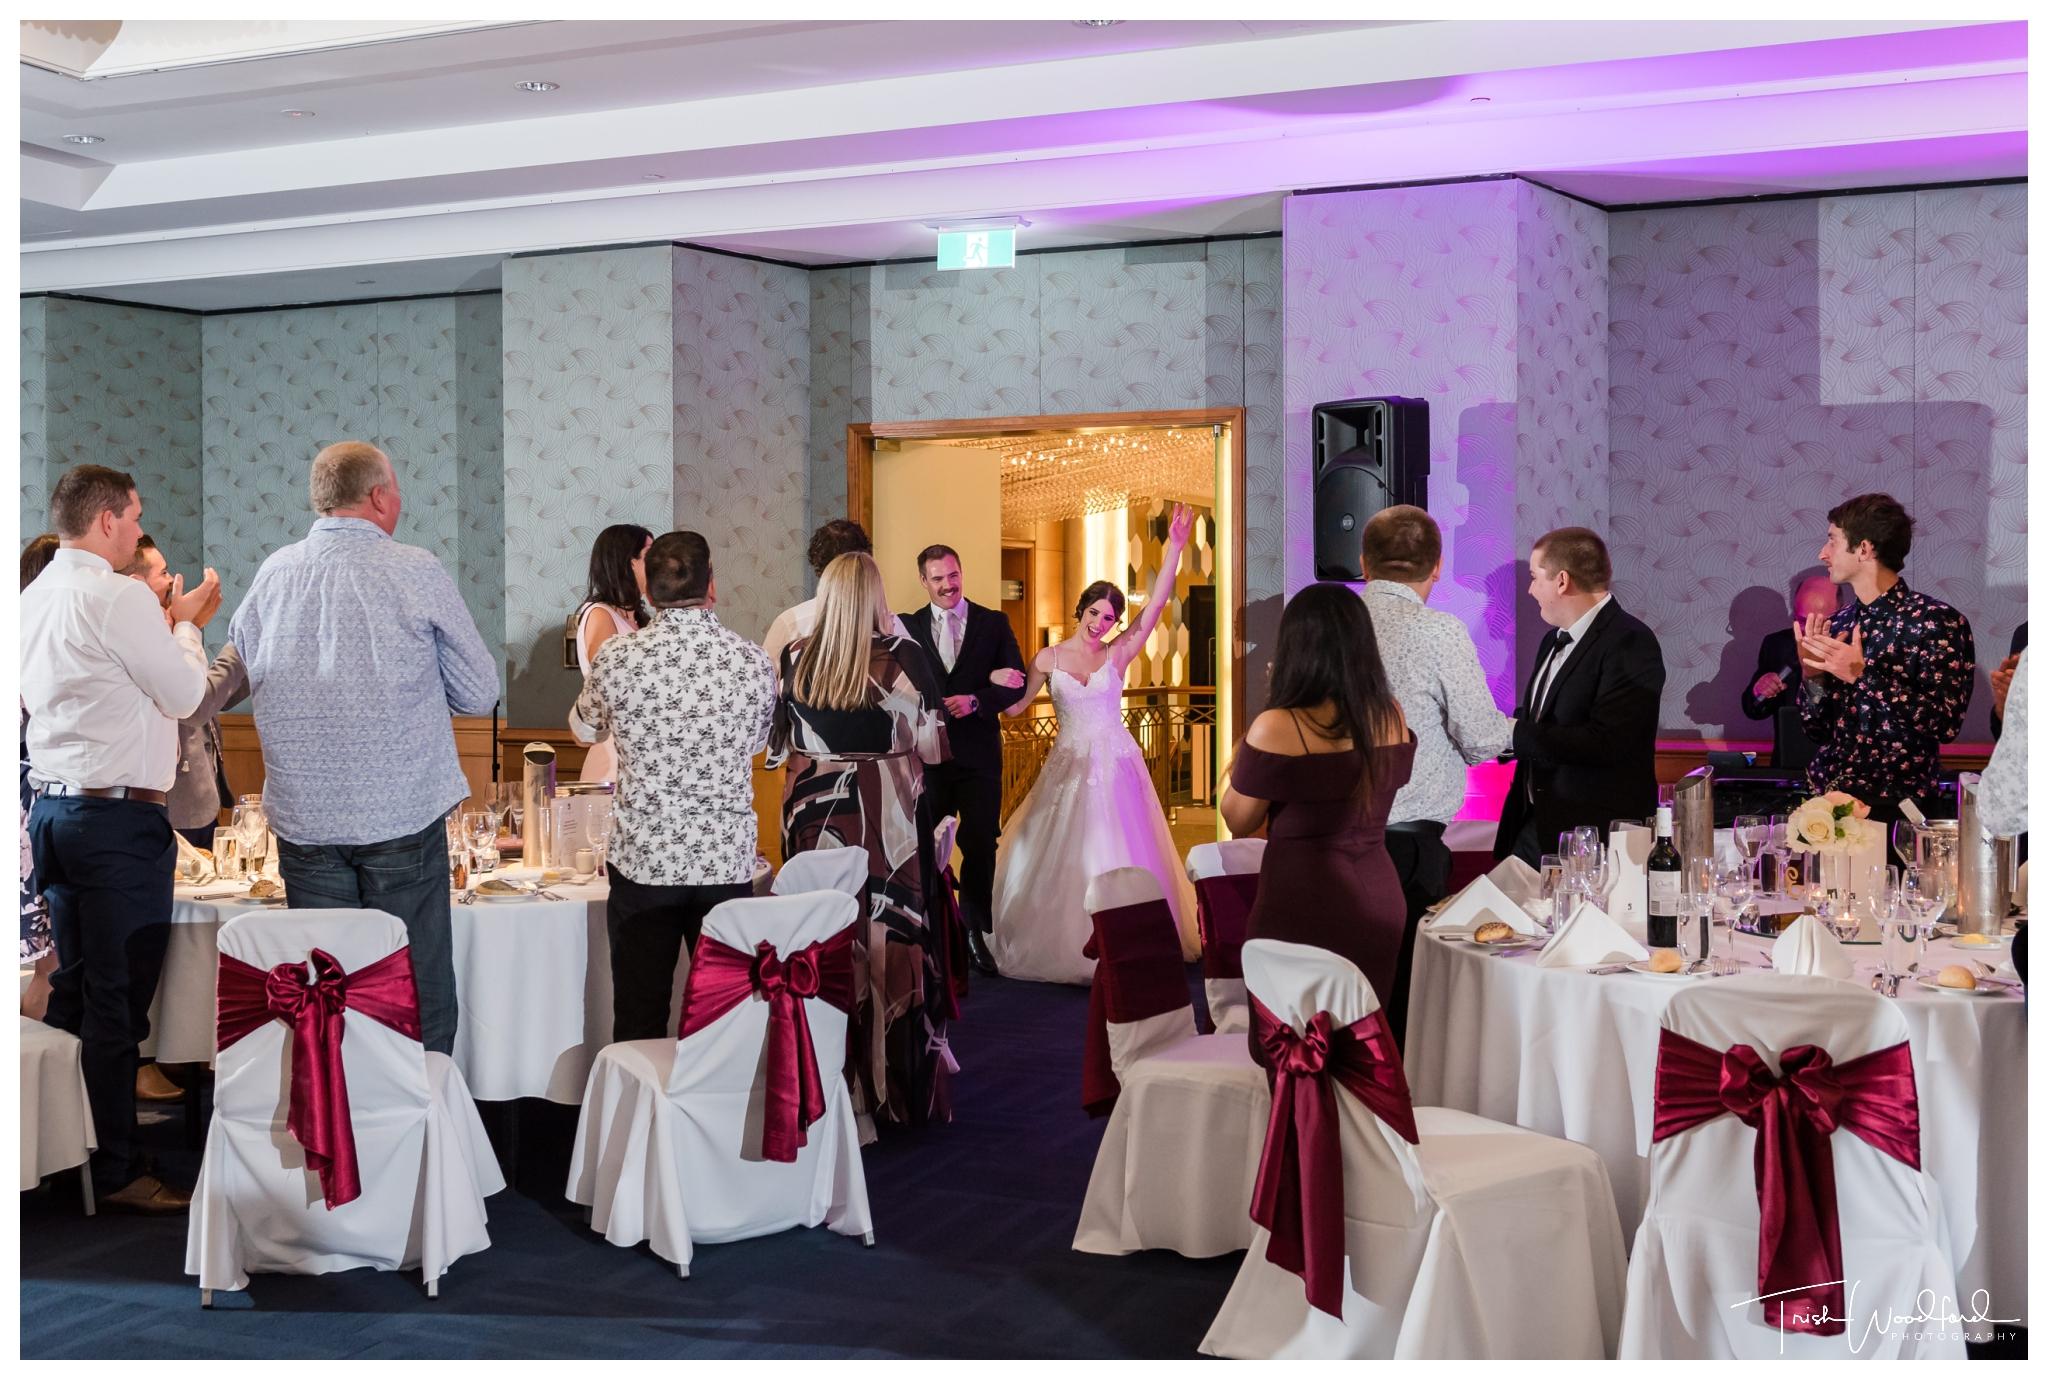 duxton-hotel-wedding-reception